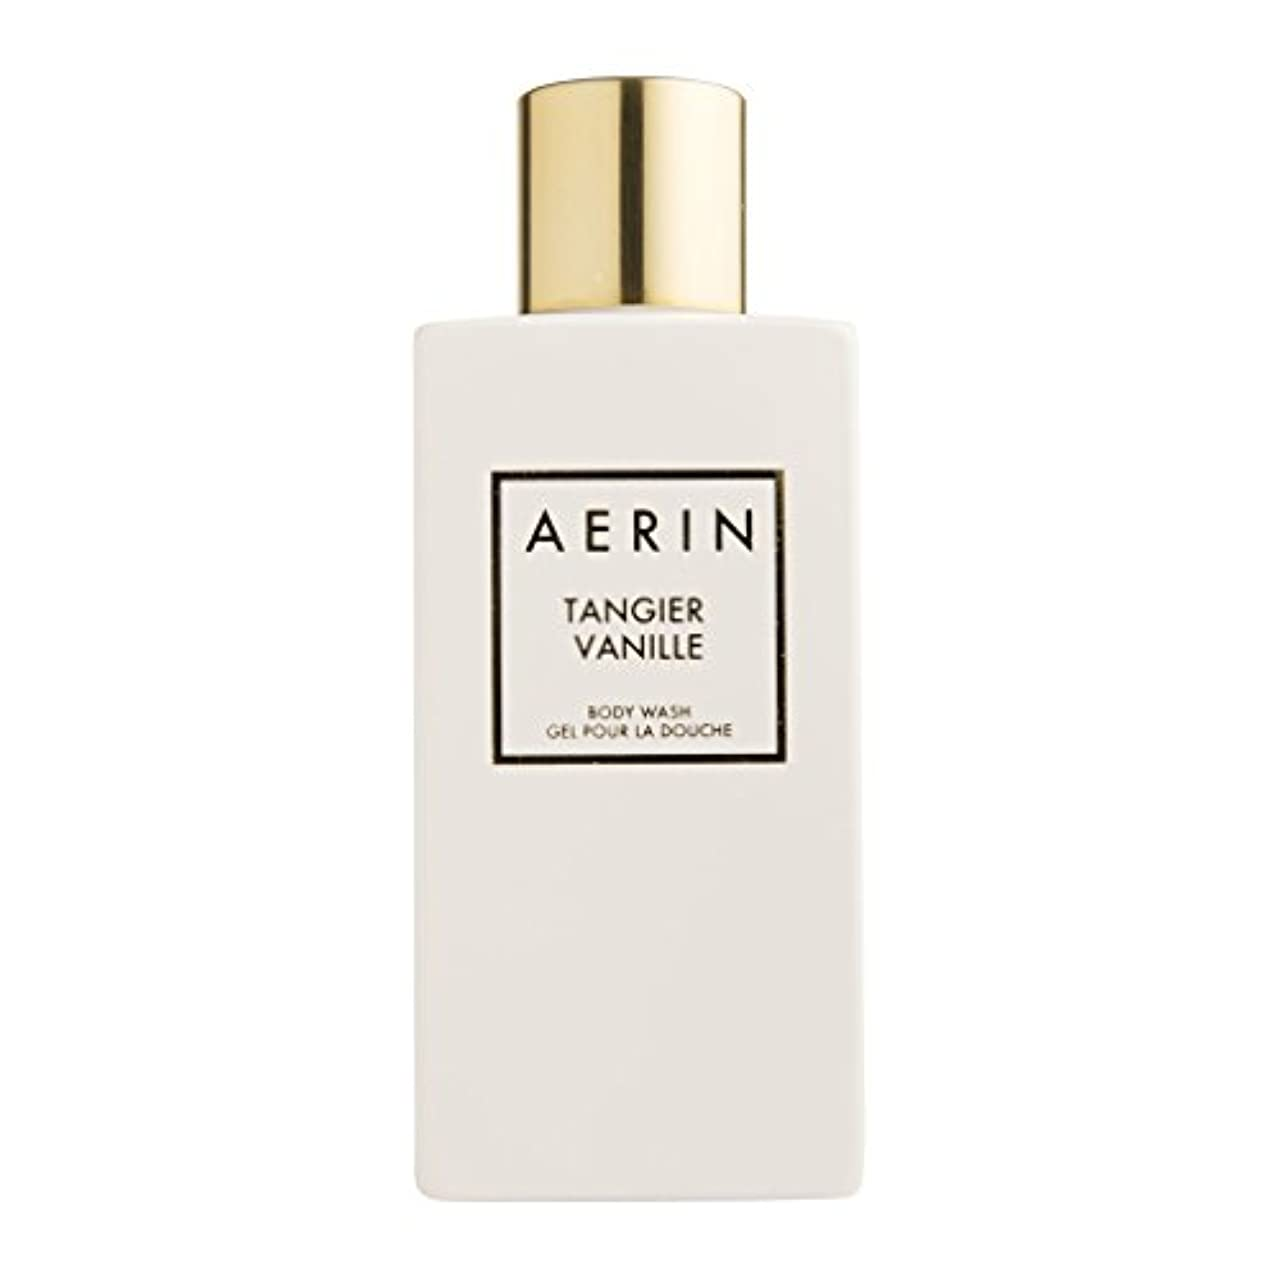 雲湾挽くAERIN Tangier Vanille (アエリン タンジヤー バニール) 7.6 oz (228ml) Body Wash ボディーウオッシュ by Estee Lauder for Women